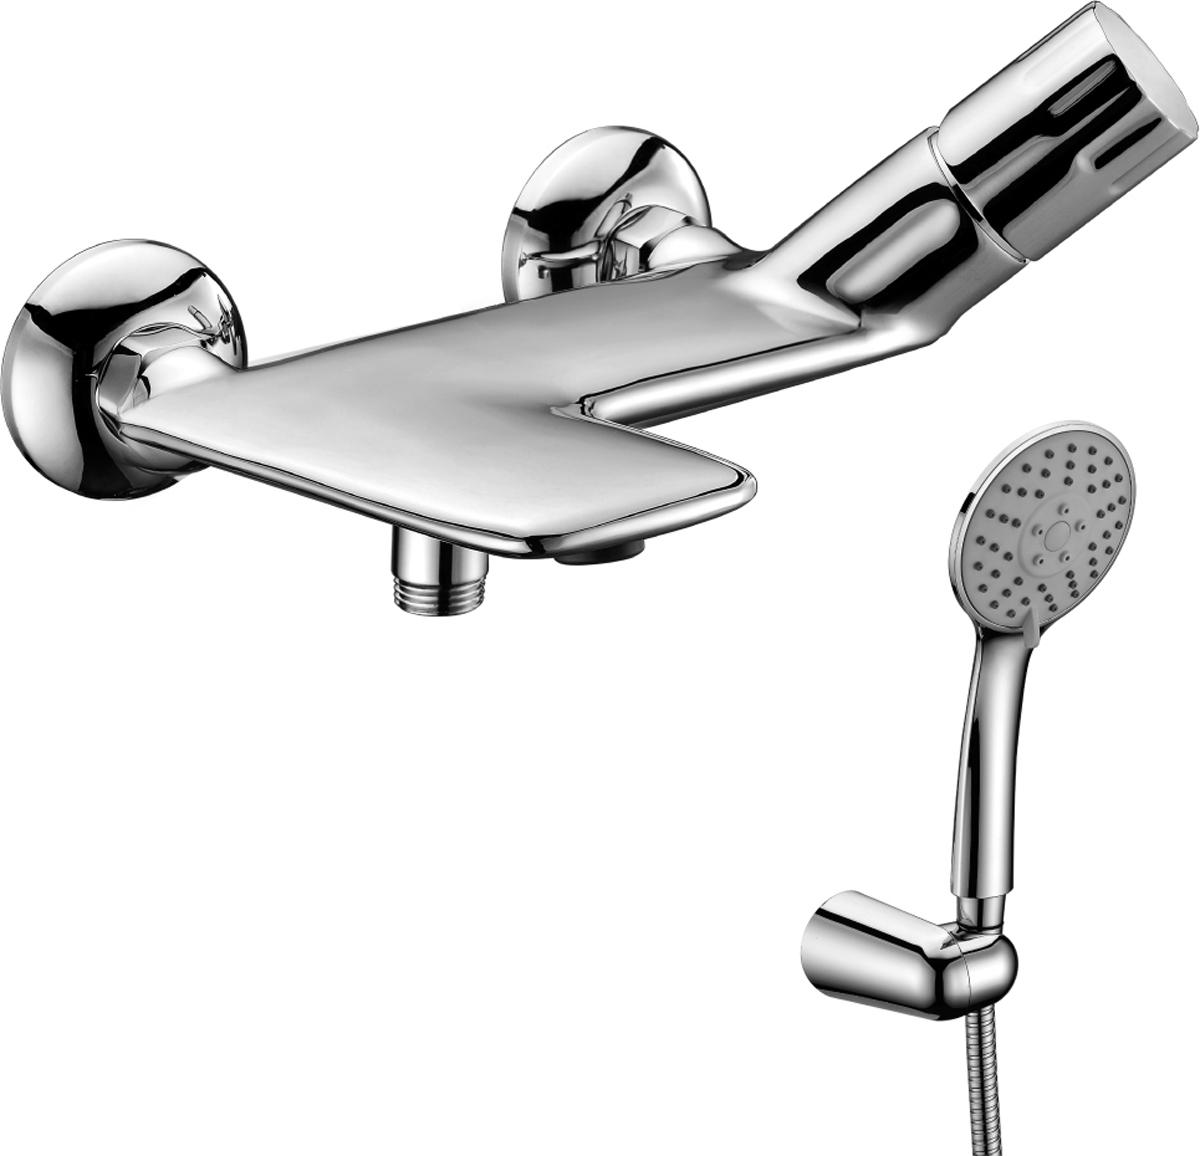 Смеситель Lemark Wing LM5302C, для ванныLM5302CWING LM5302C.Смеситель для ванны с монолитным изливом.Комплектация:• аэратор• керамический картридж 35 мм• переключатель с функцией ручной фиксации• аксессуары в комплекте: шланг 1,5 м, настенное поворотное крепление, 3-функциональная лейка• металлическая рукояткаСмесители LEMARK рассчитаны на 30 лет комфортной эксплуатации.В них соединены современные технологии производства и продуманный конструктив. Установлены комплектующие от известных мировых производителей, являющихся лидерами в своих сегментах:• немецкие аэраторы Neoperl – устройства, регулирующие расход воды;• керамические картриджи и кран-буксы испанской фирмы Sedal.Вся продукция LEMARK устанавливается не только в частном секторе, но и с успехом эксплуатируется в офисах Hewlett-Packard, Walt Disney Studios Sony Pictures Releasing, Mail.ru Group, а также в новом терминале аэропорта «Толмачево» в Новосибирске.Сегодня на смесители LEMARK установлен беспрецедентный 10-летний период бесплатного сервисного обслуживания. Данное условие действует, даже если монтаж изделий производится покупателями cамостоятельно.Сервисная сеть насчитывает 90 гарантийных мастерских по России и странам СНГ.